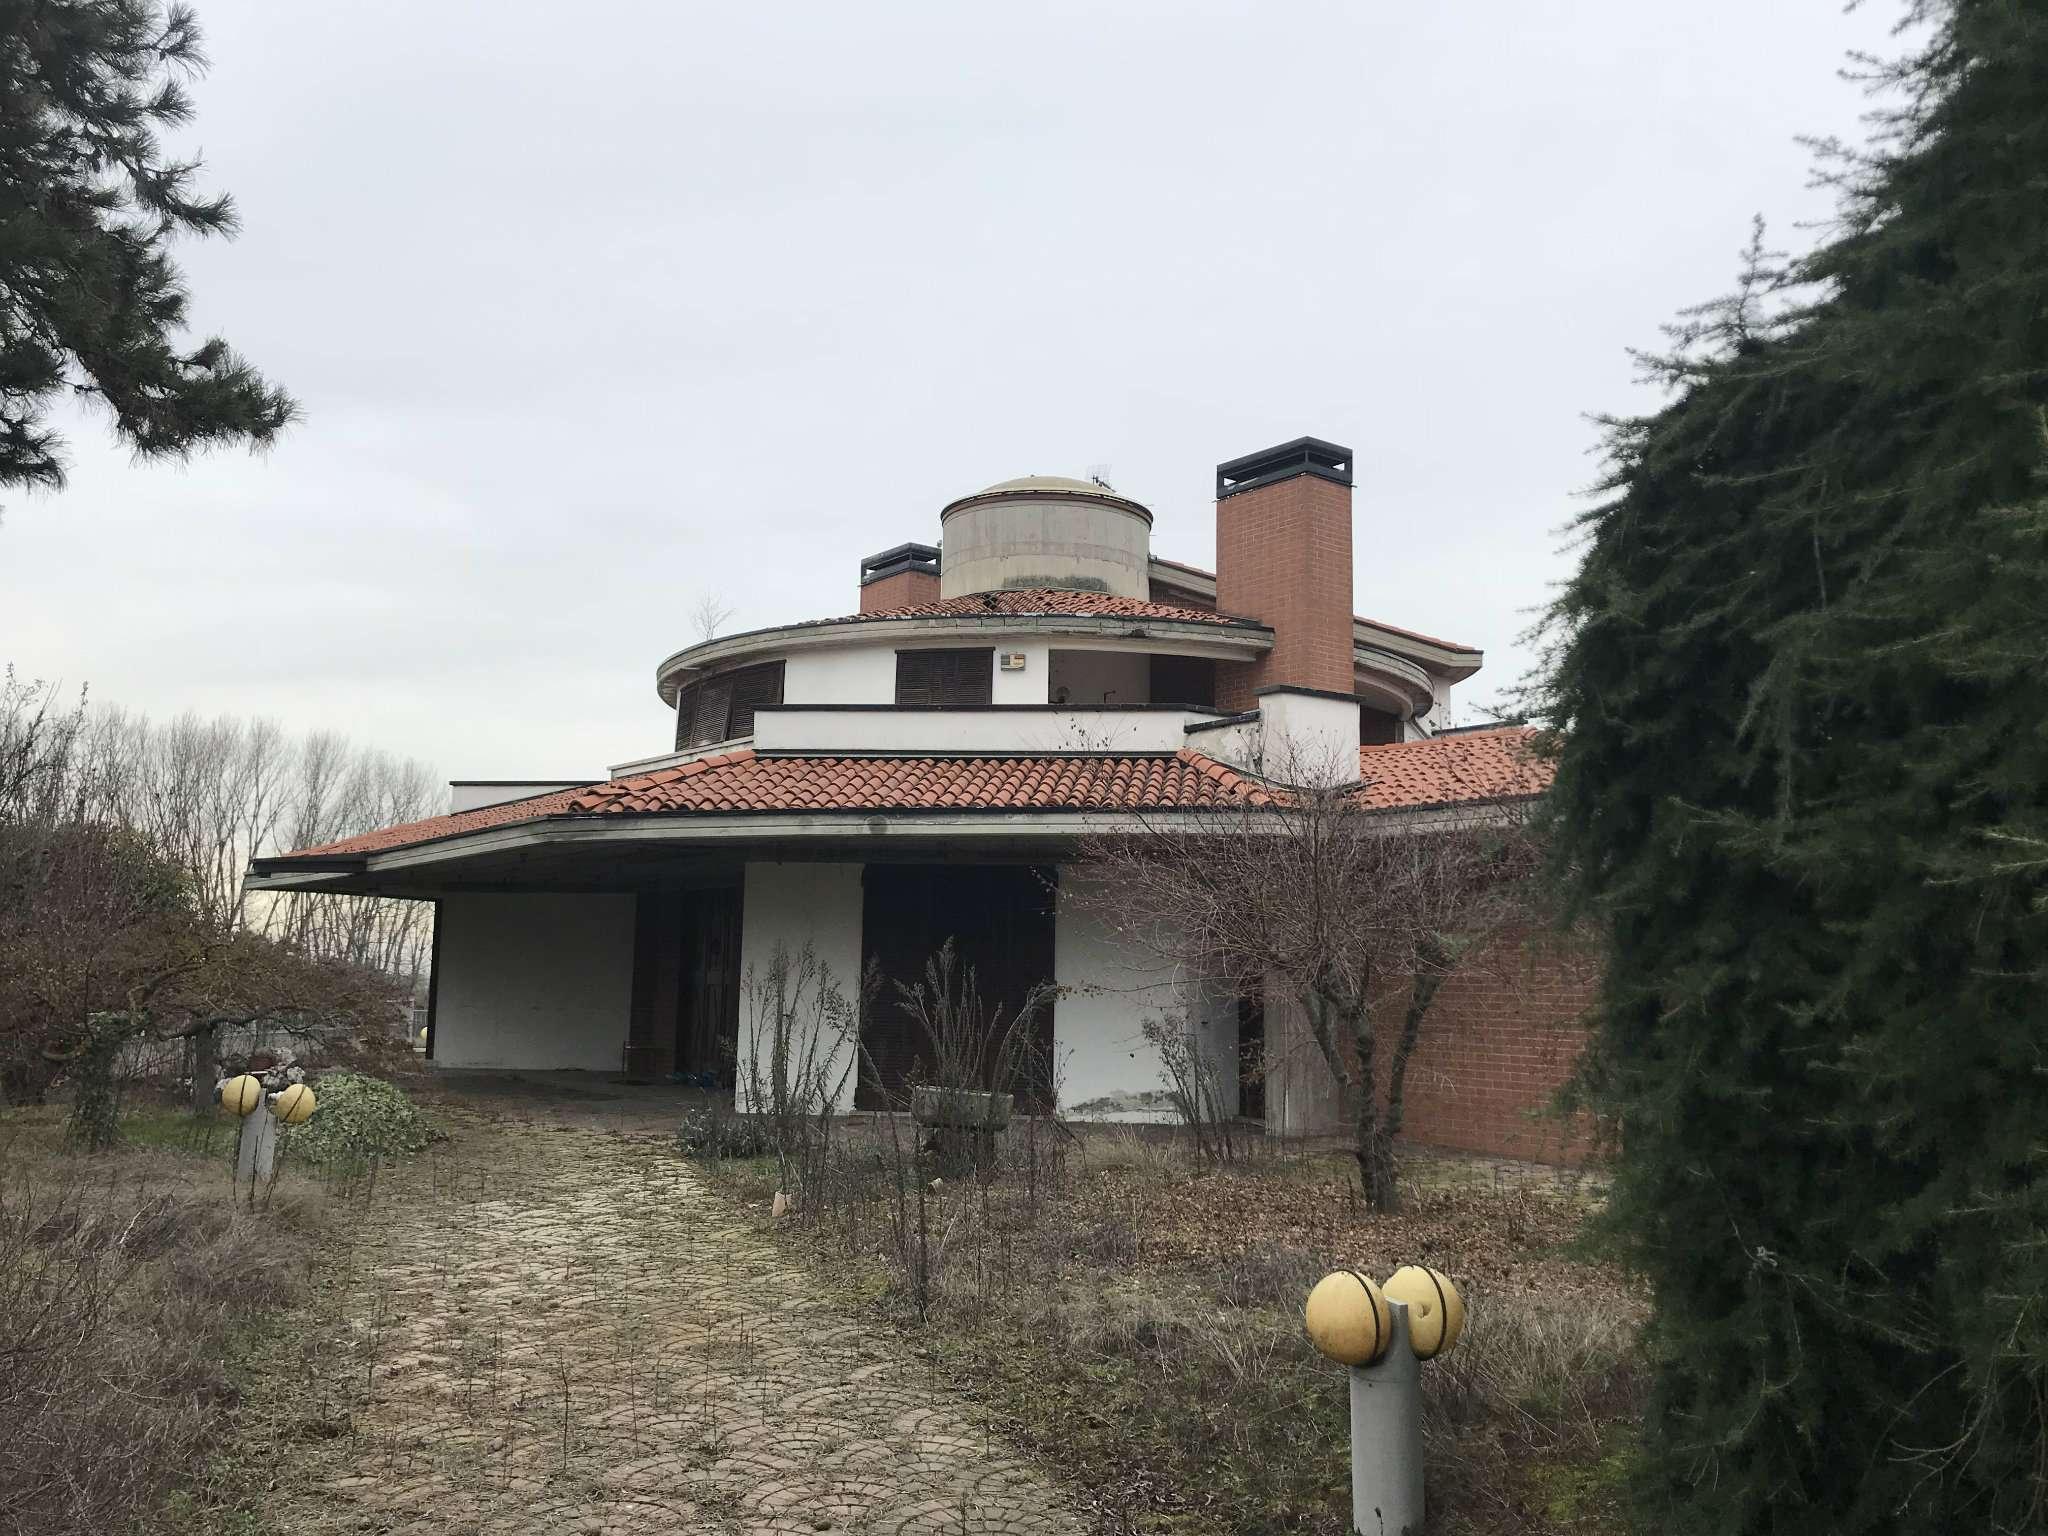 Villa Tri-Quadrifamiliare in vendita a Pecetto di Valenza, 9999 locali, prezzo € 284.000 | CambioCasa.it